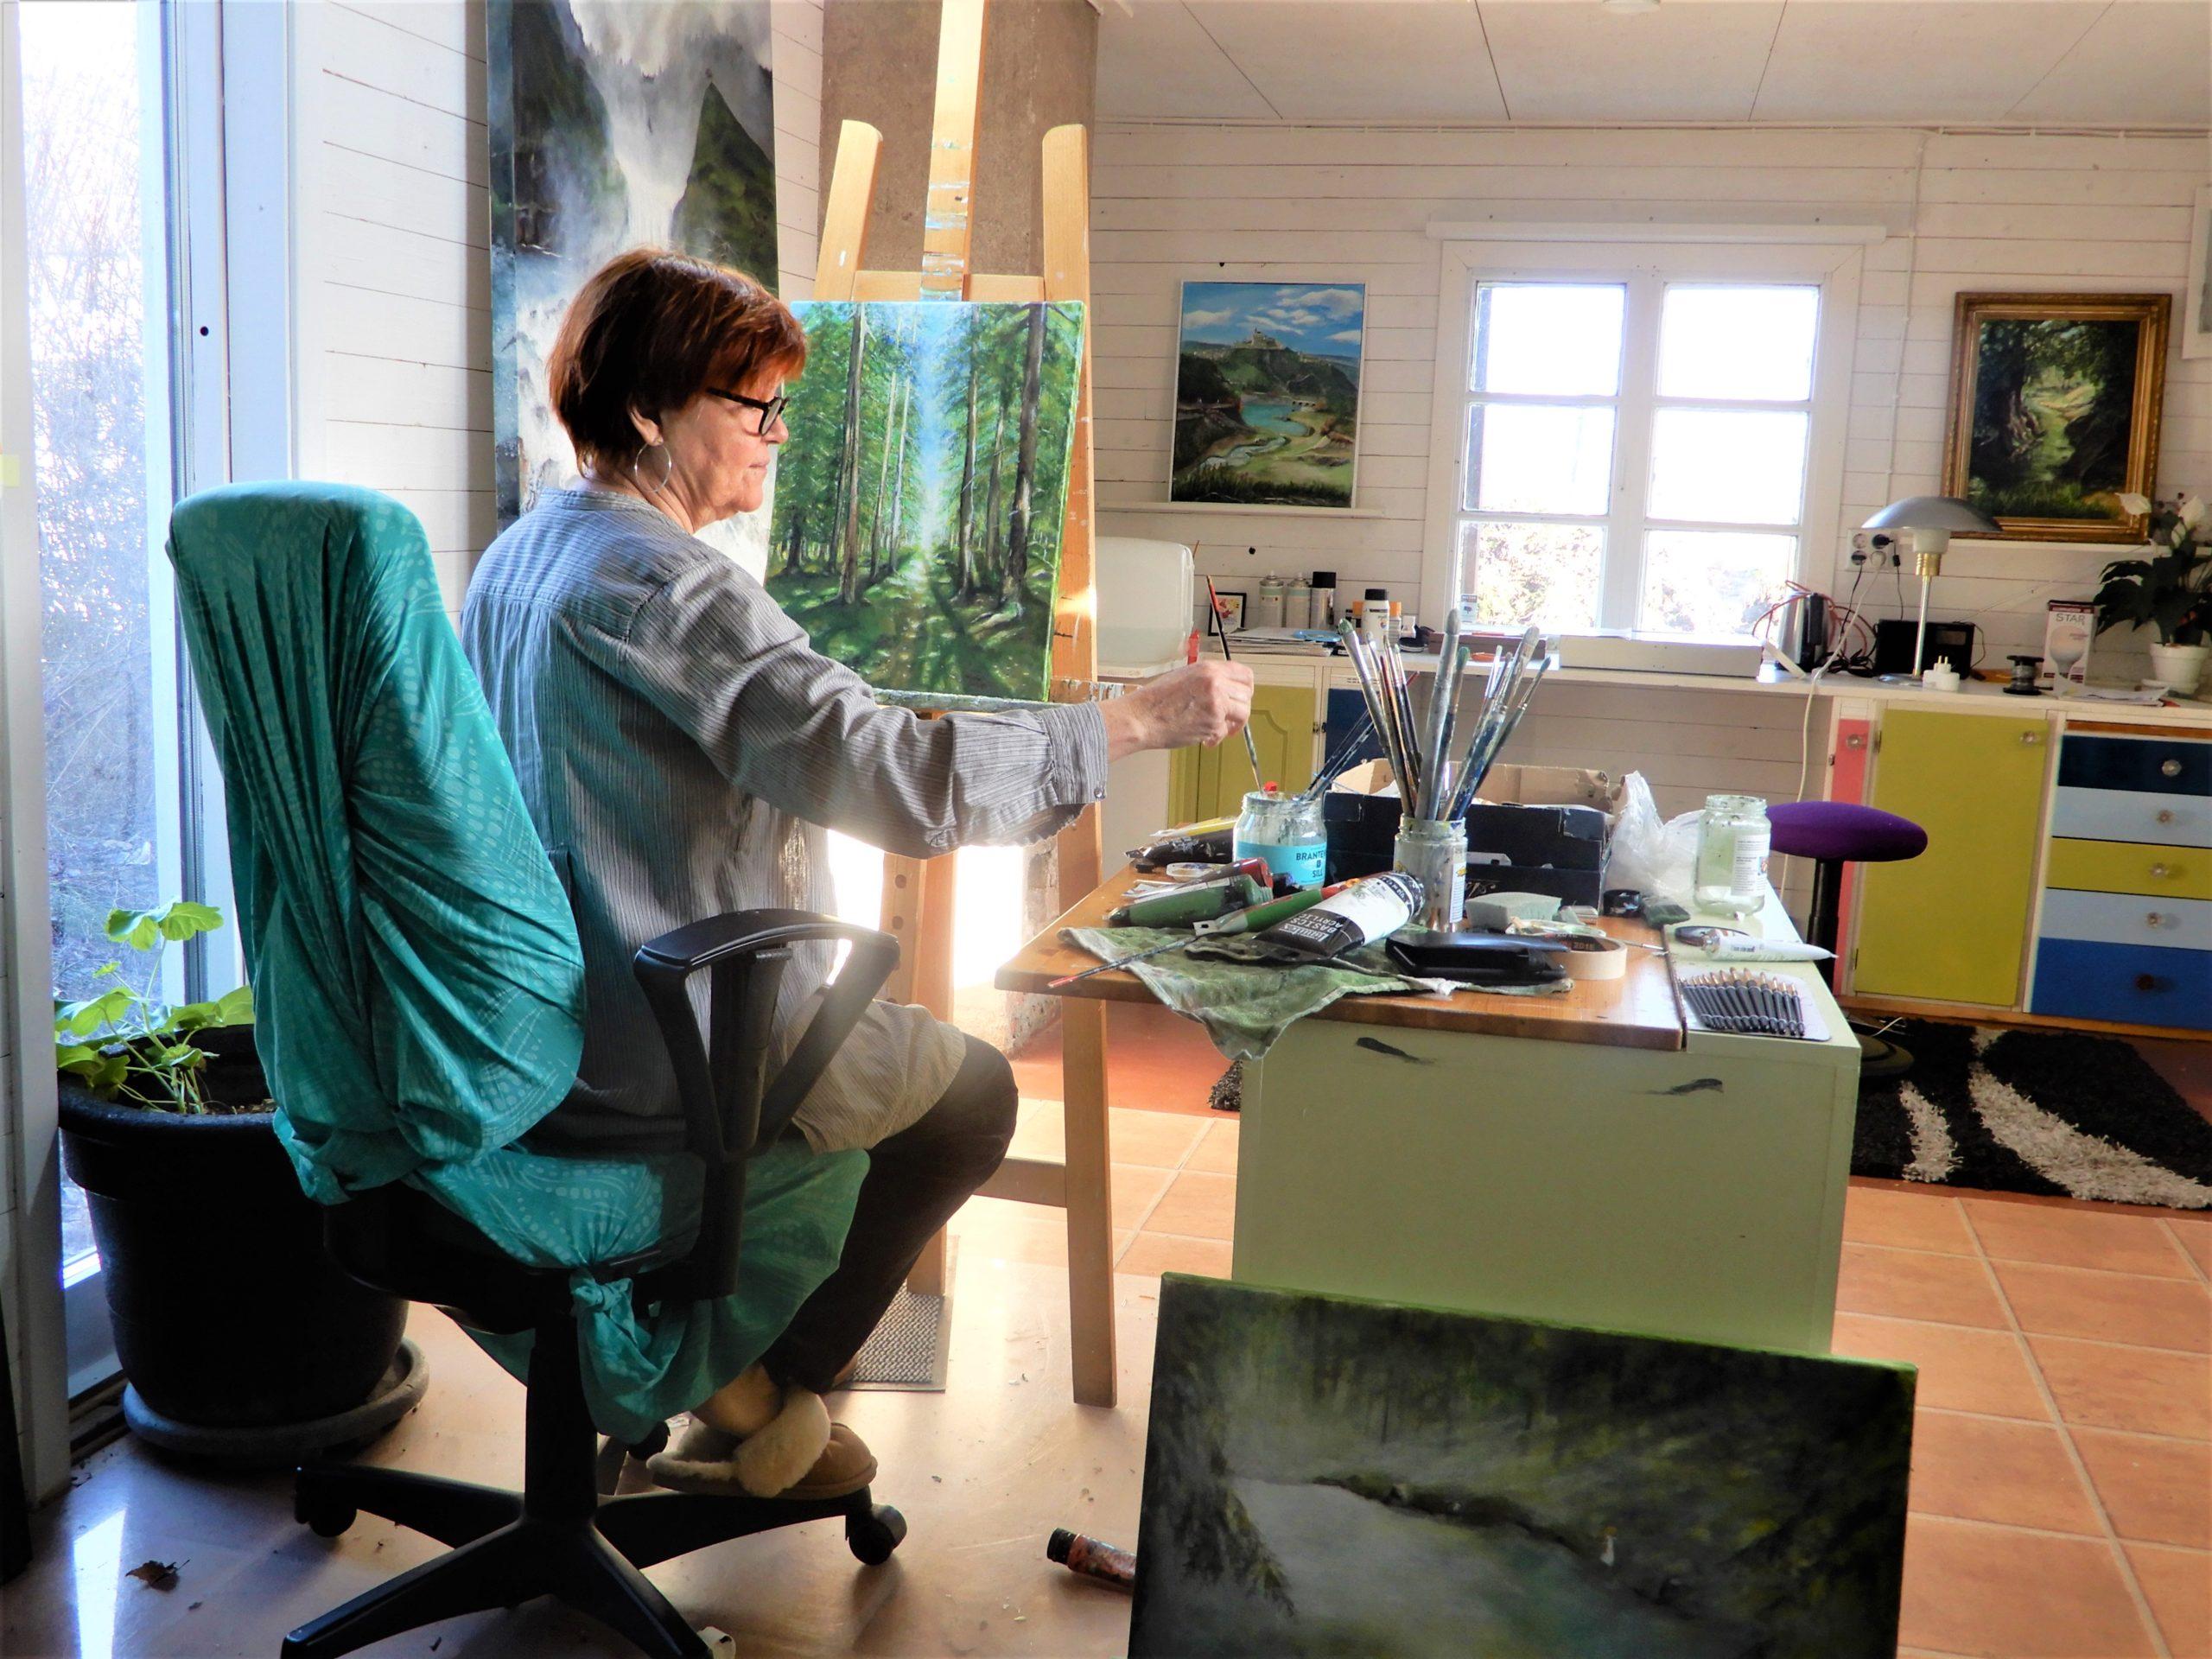 Konstnär Lena Loiske